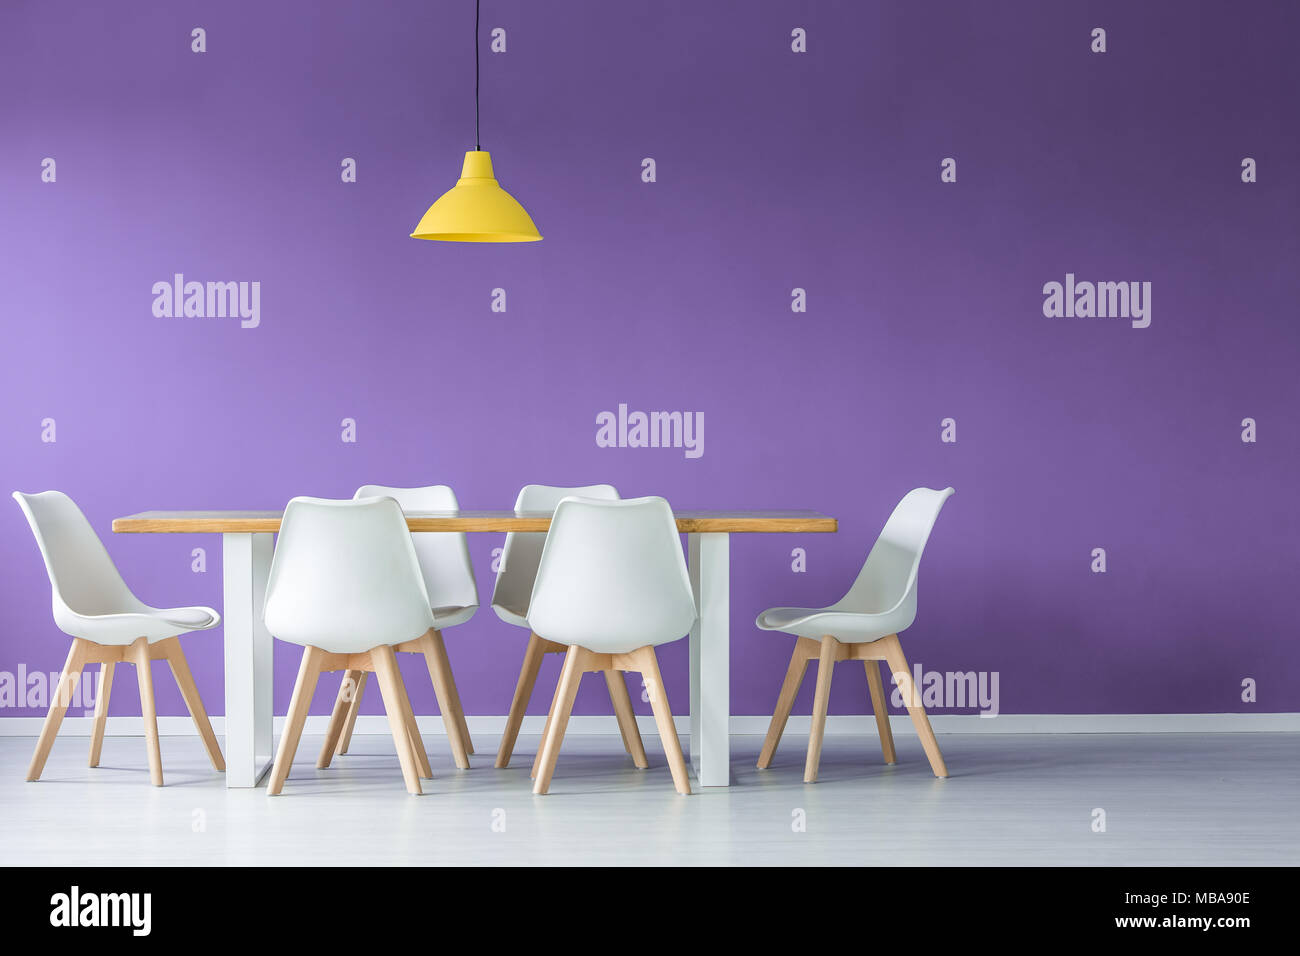 Lampada Scrivania Viola : Il minimo moderno spazio aperto con interno bianco e sedie di legno